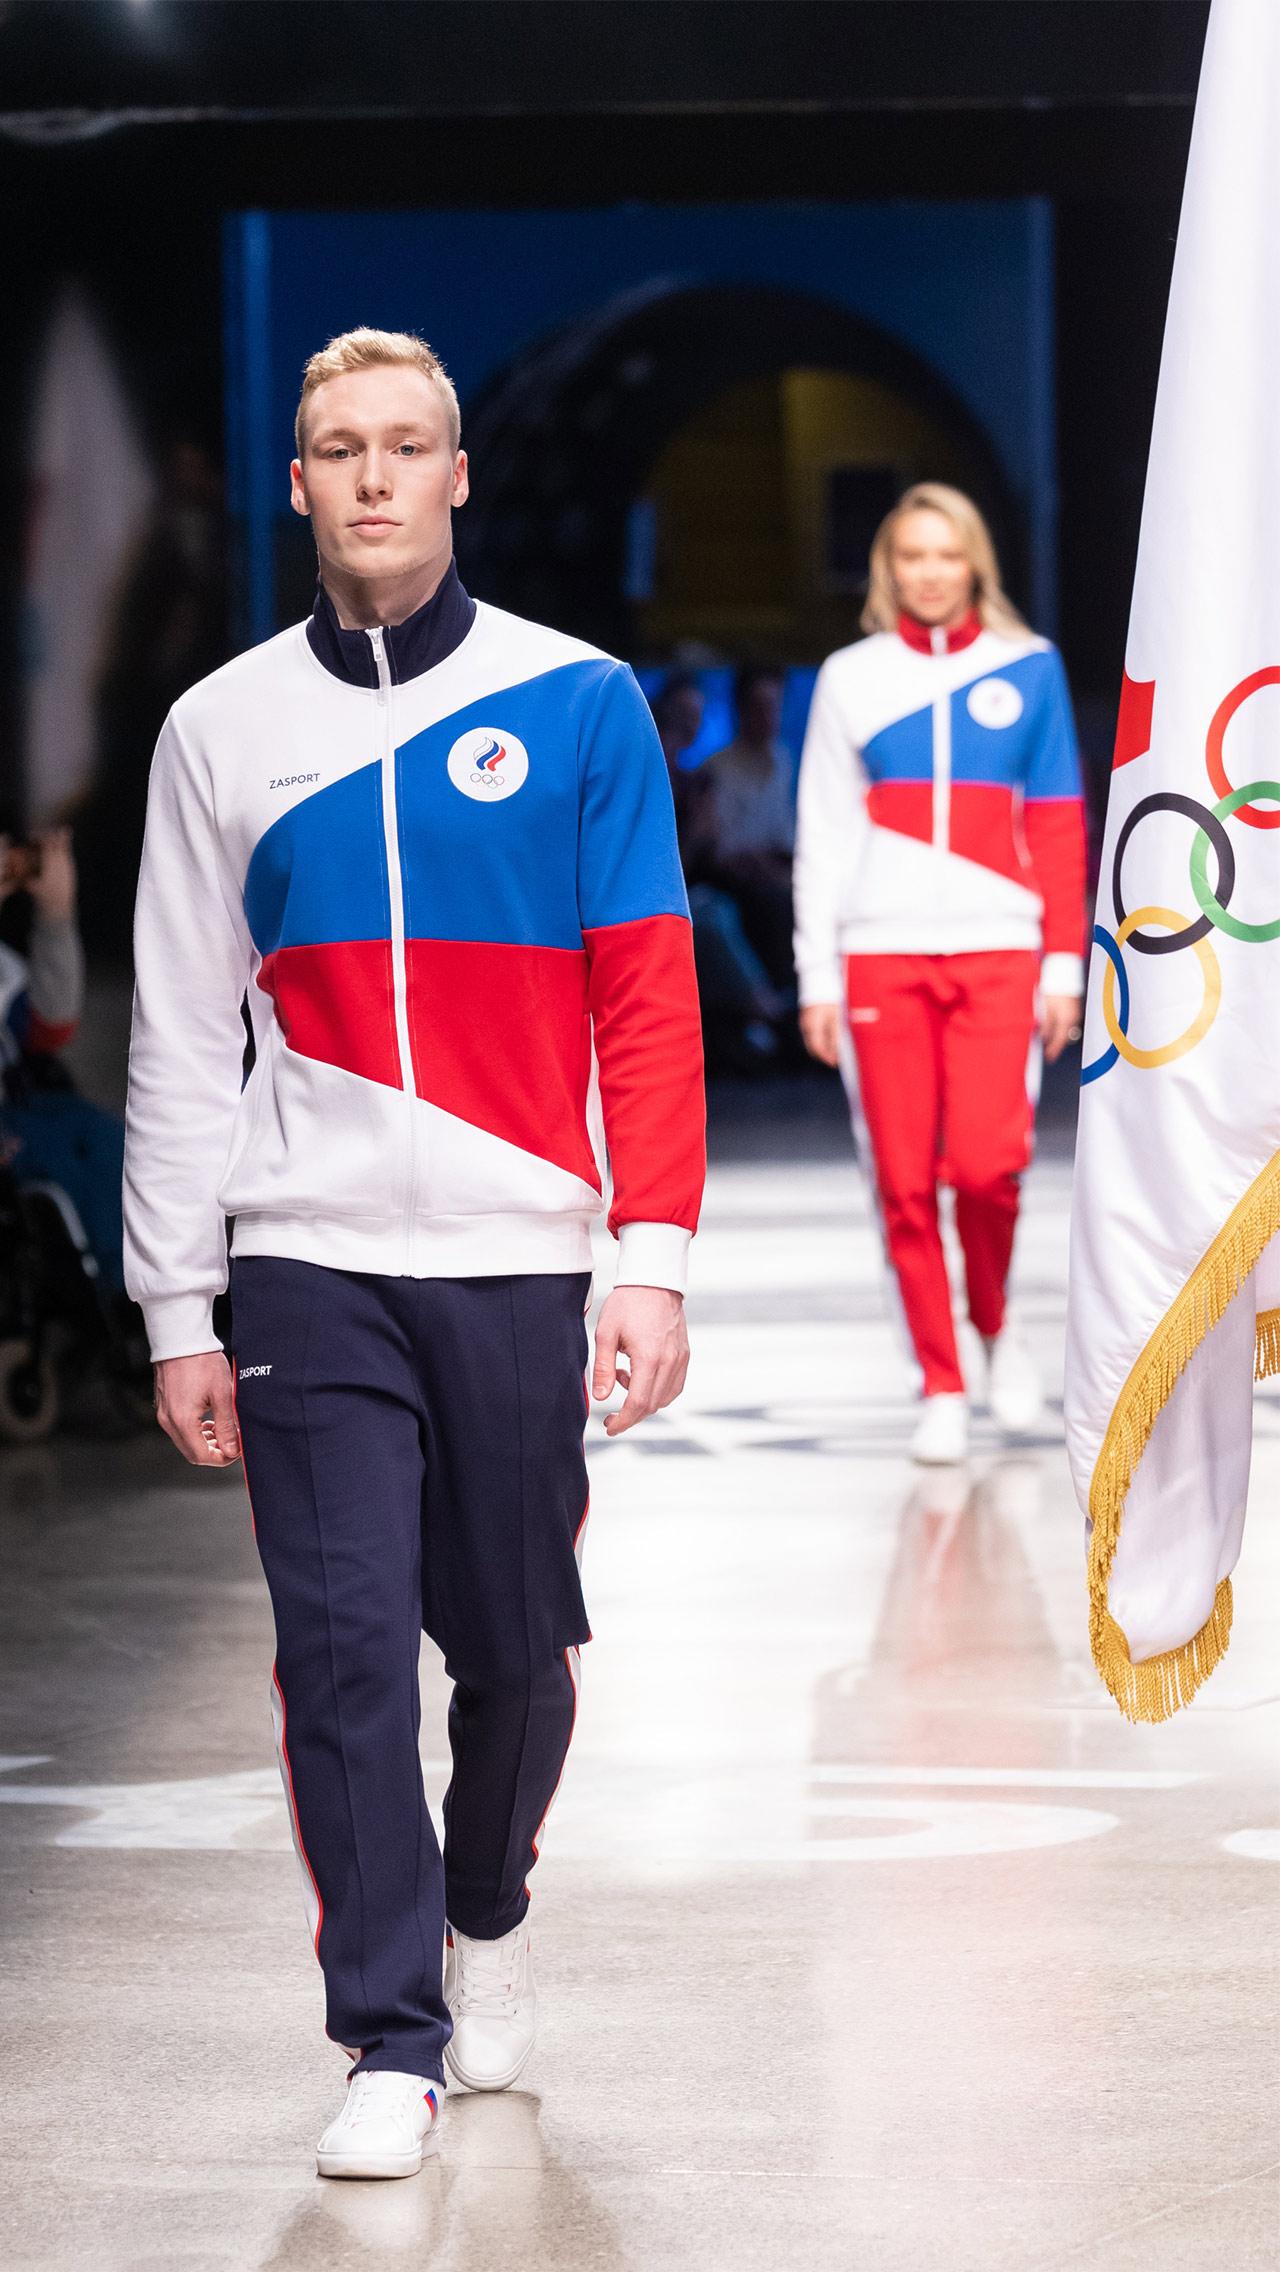 Впрочем, Международный олимпийский комитет не нашёл в сочетании белого, синего и красного цветов ничего запрещённого и одобрил комплекты к использованию.